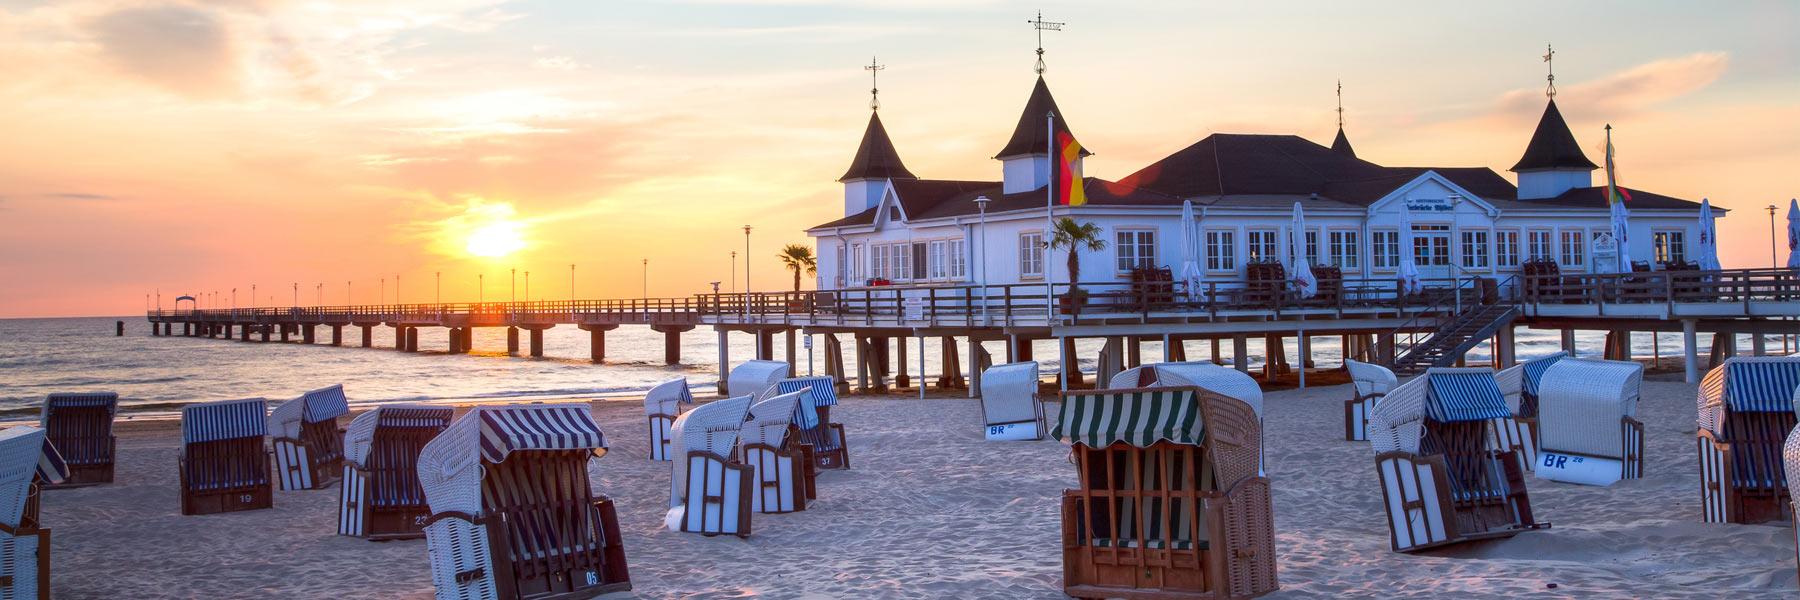 Seebrücke Strand - Seeheilbad Ahlbeck